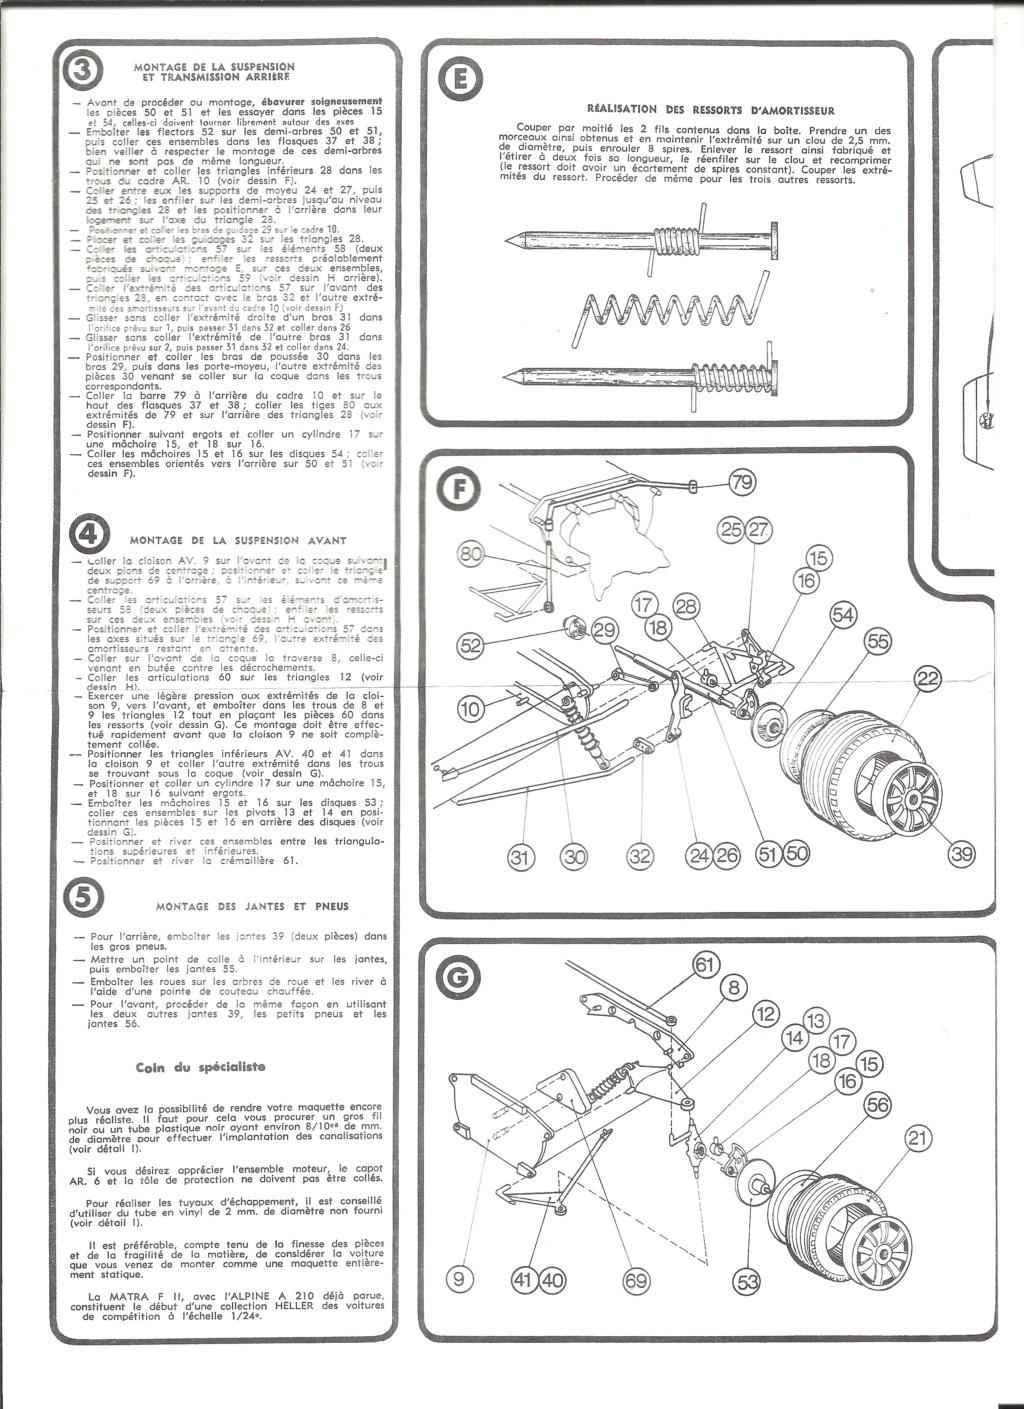 MATRA COSWORTH Formule II 1/24ème  Réf L740 Notice Helle190